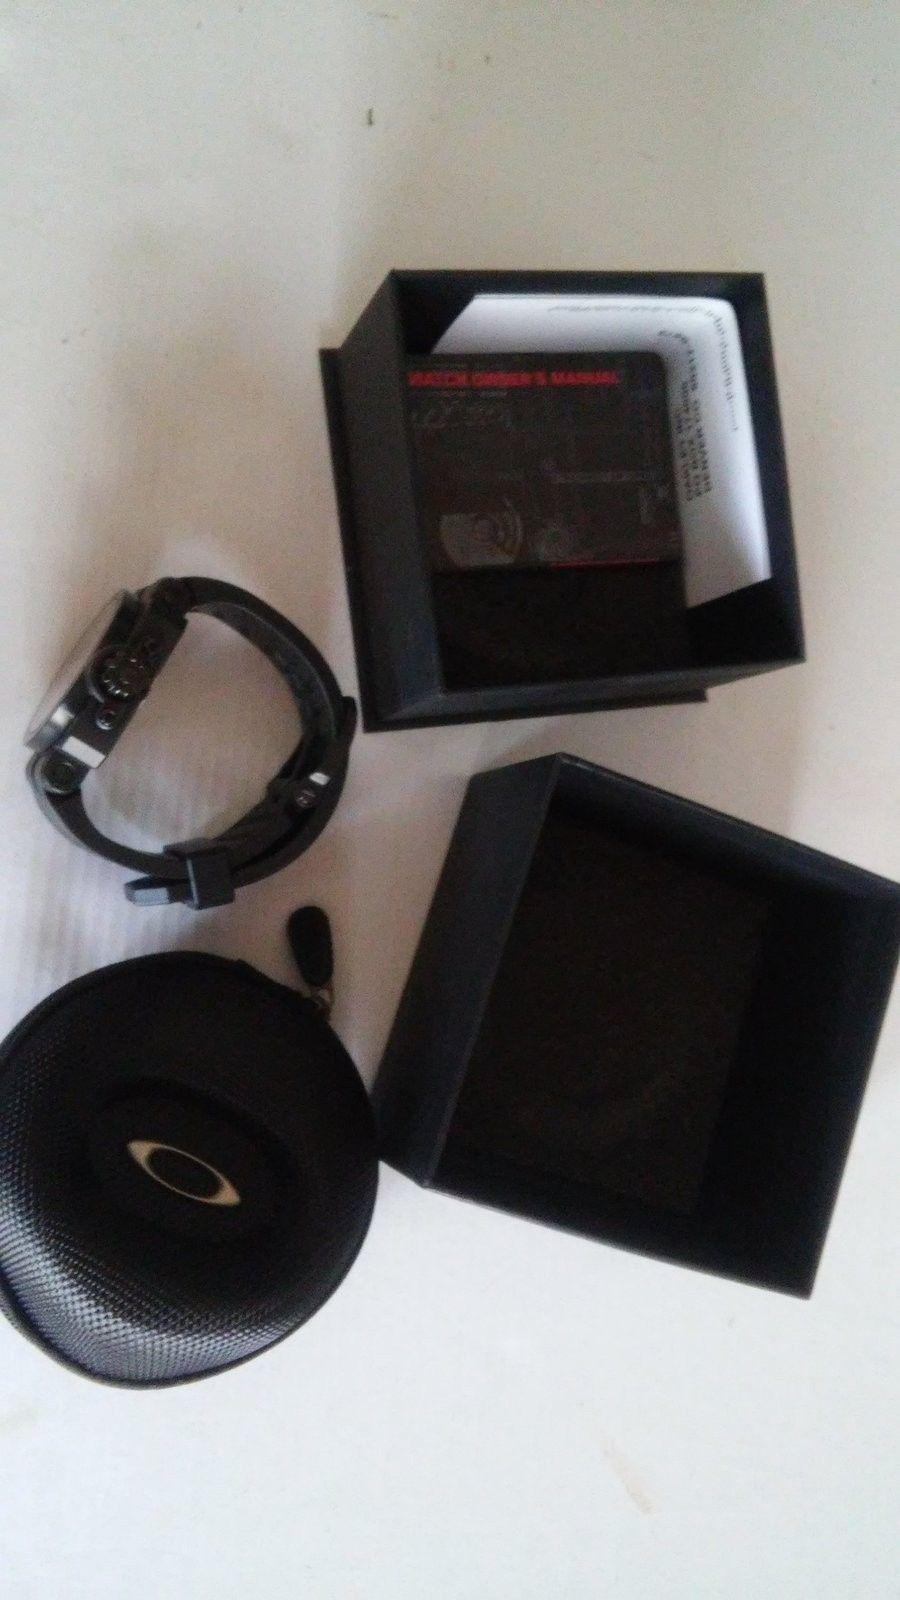 Stealth gearbox watch - 20150703_125949.jpg